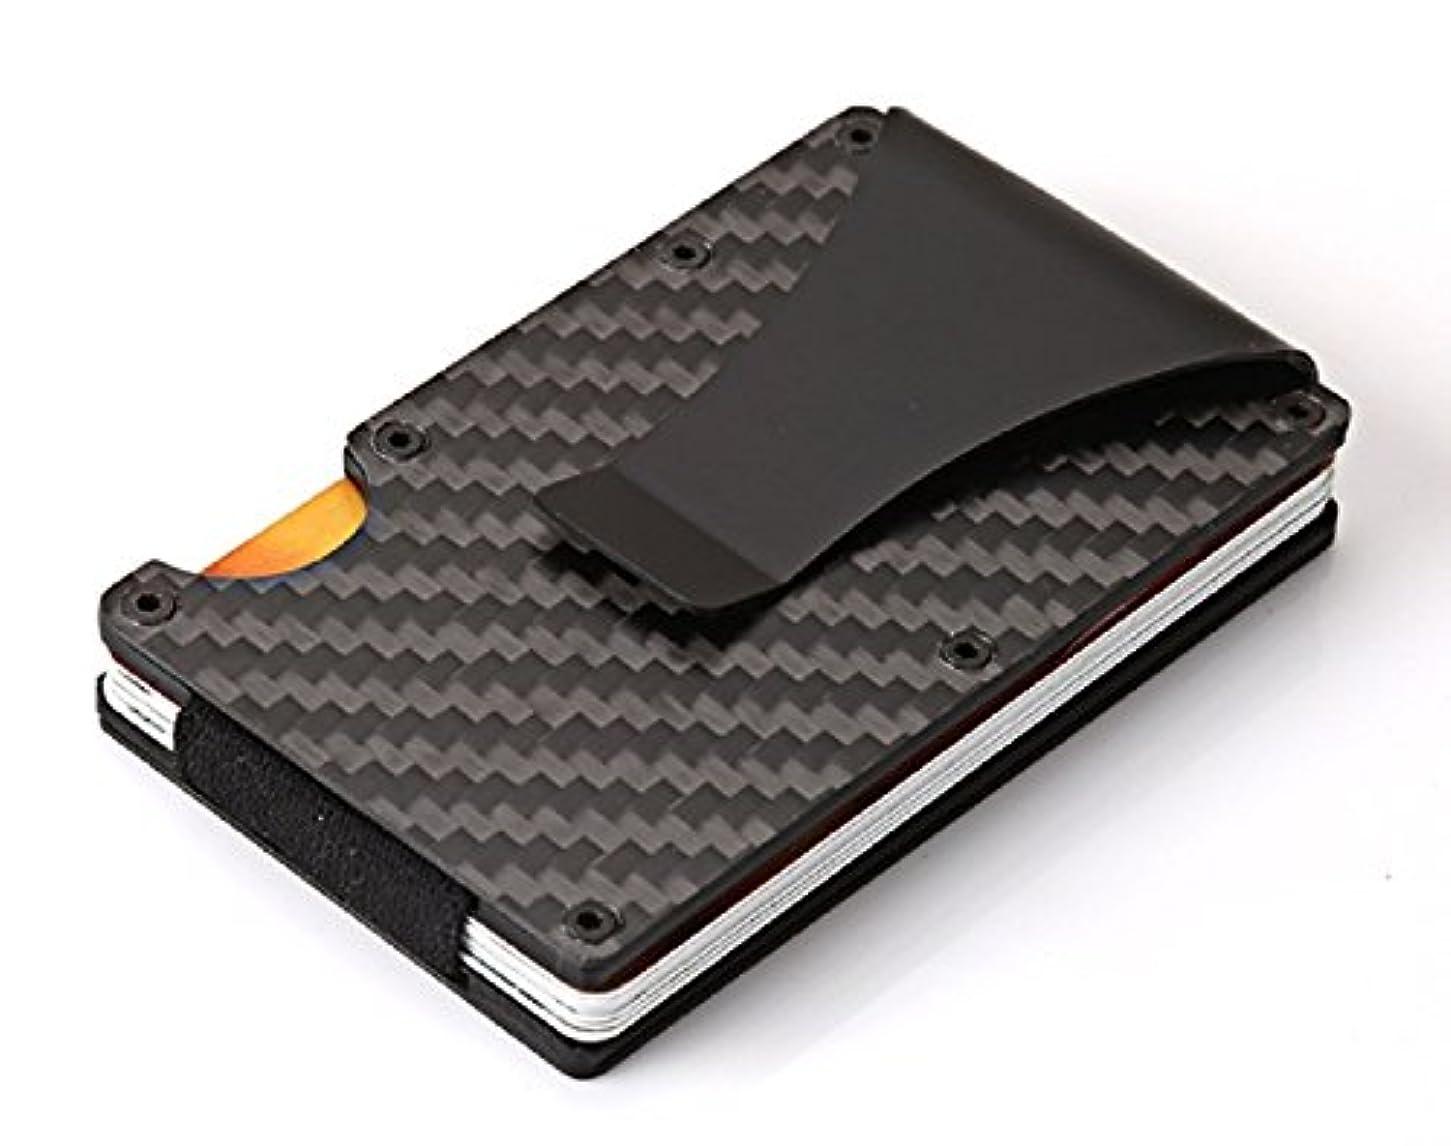 あらゆる種類の阻害する枝マネークリップ付 クレジットカードケース カードホルダー 名刺入れ カーボン RFID機能 磁気防止 カード収納 薄型 男女兼用